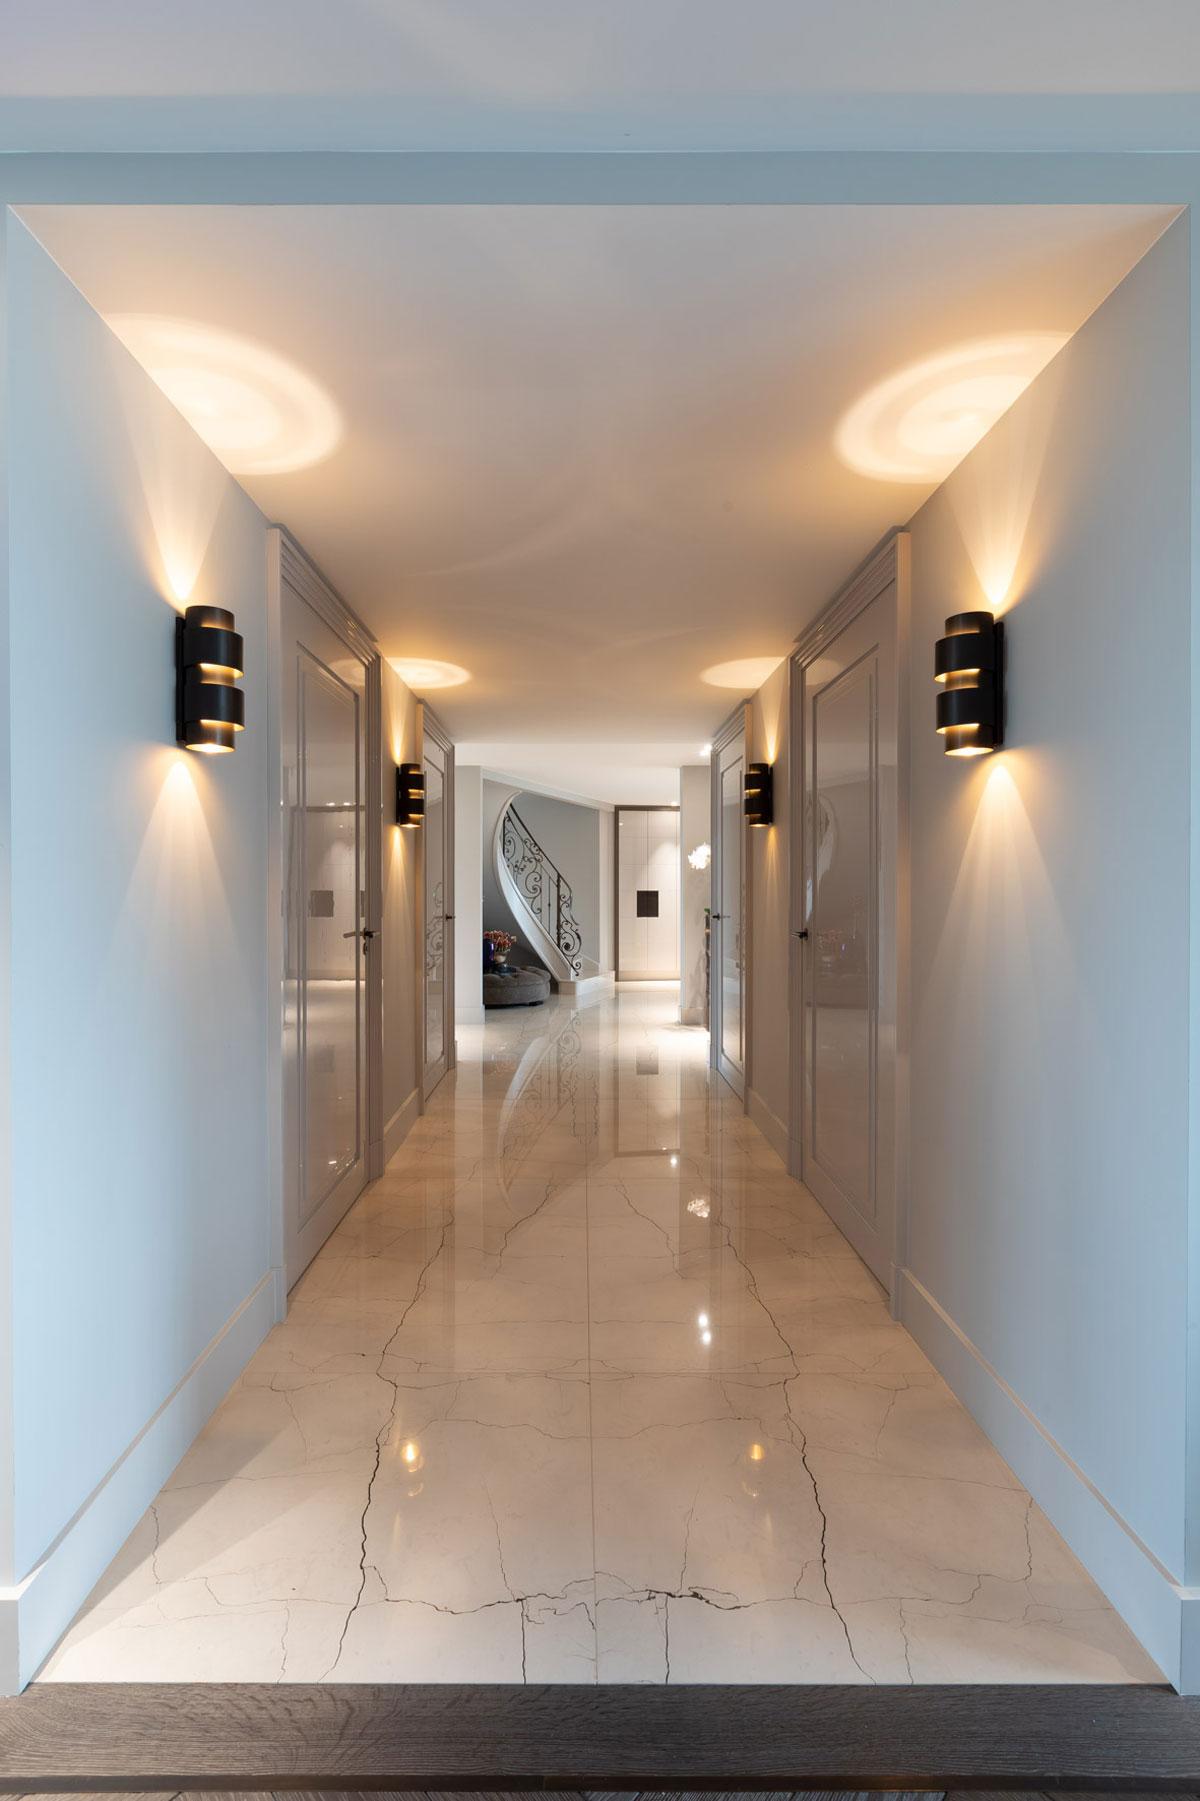 Zecevo marmeren vloer voor een eric kuster project